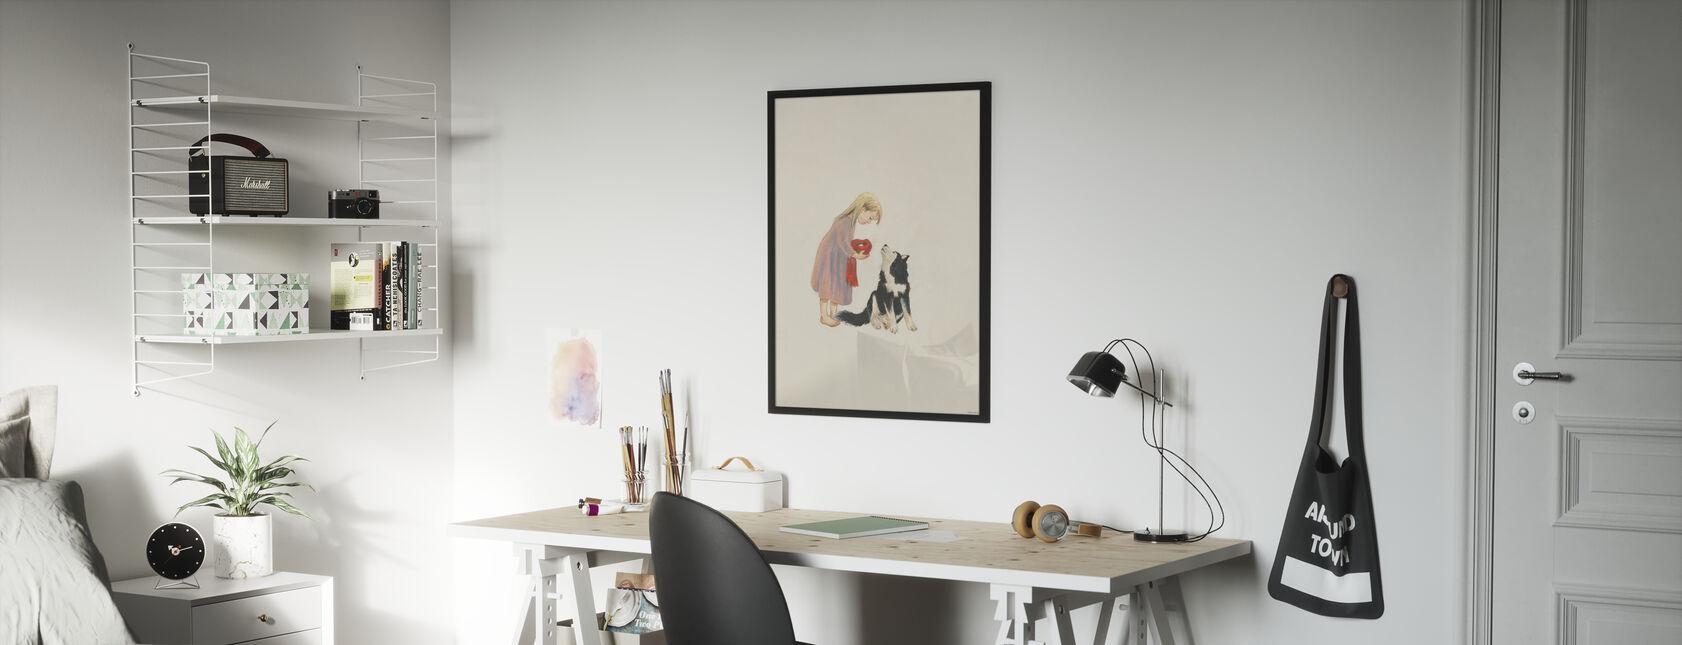 Mädchen und Hund II - Poster - Kinderzimmer